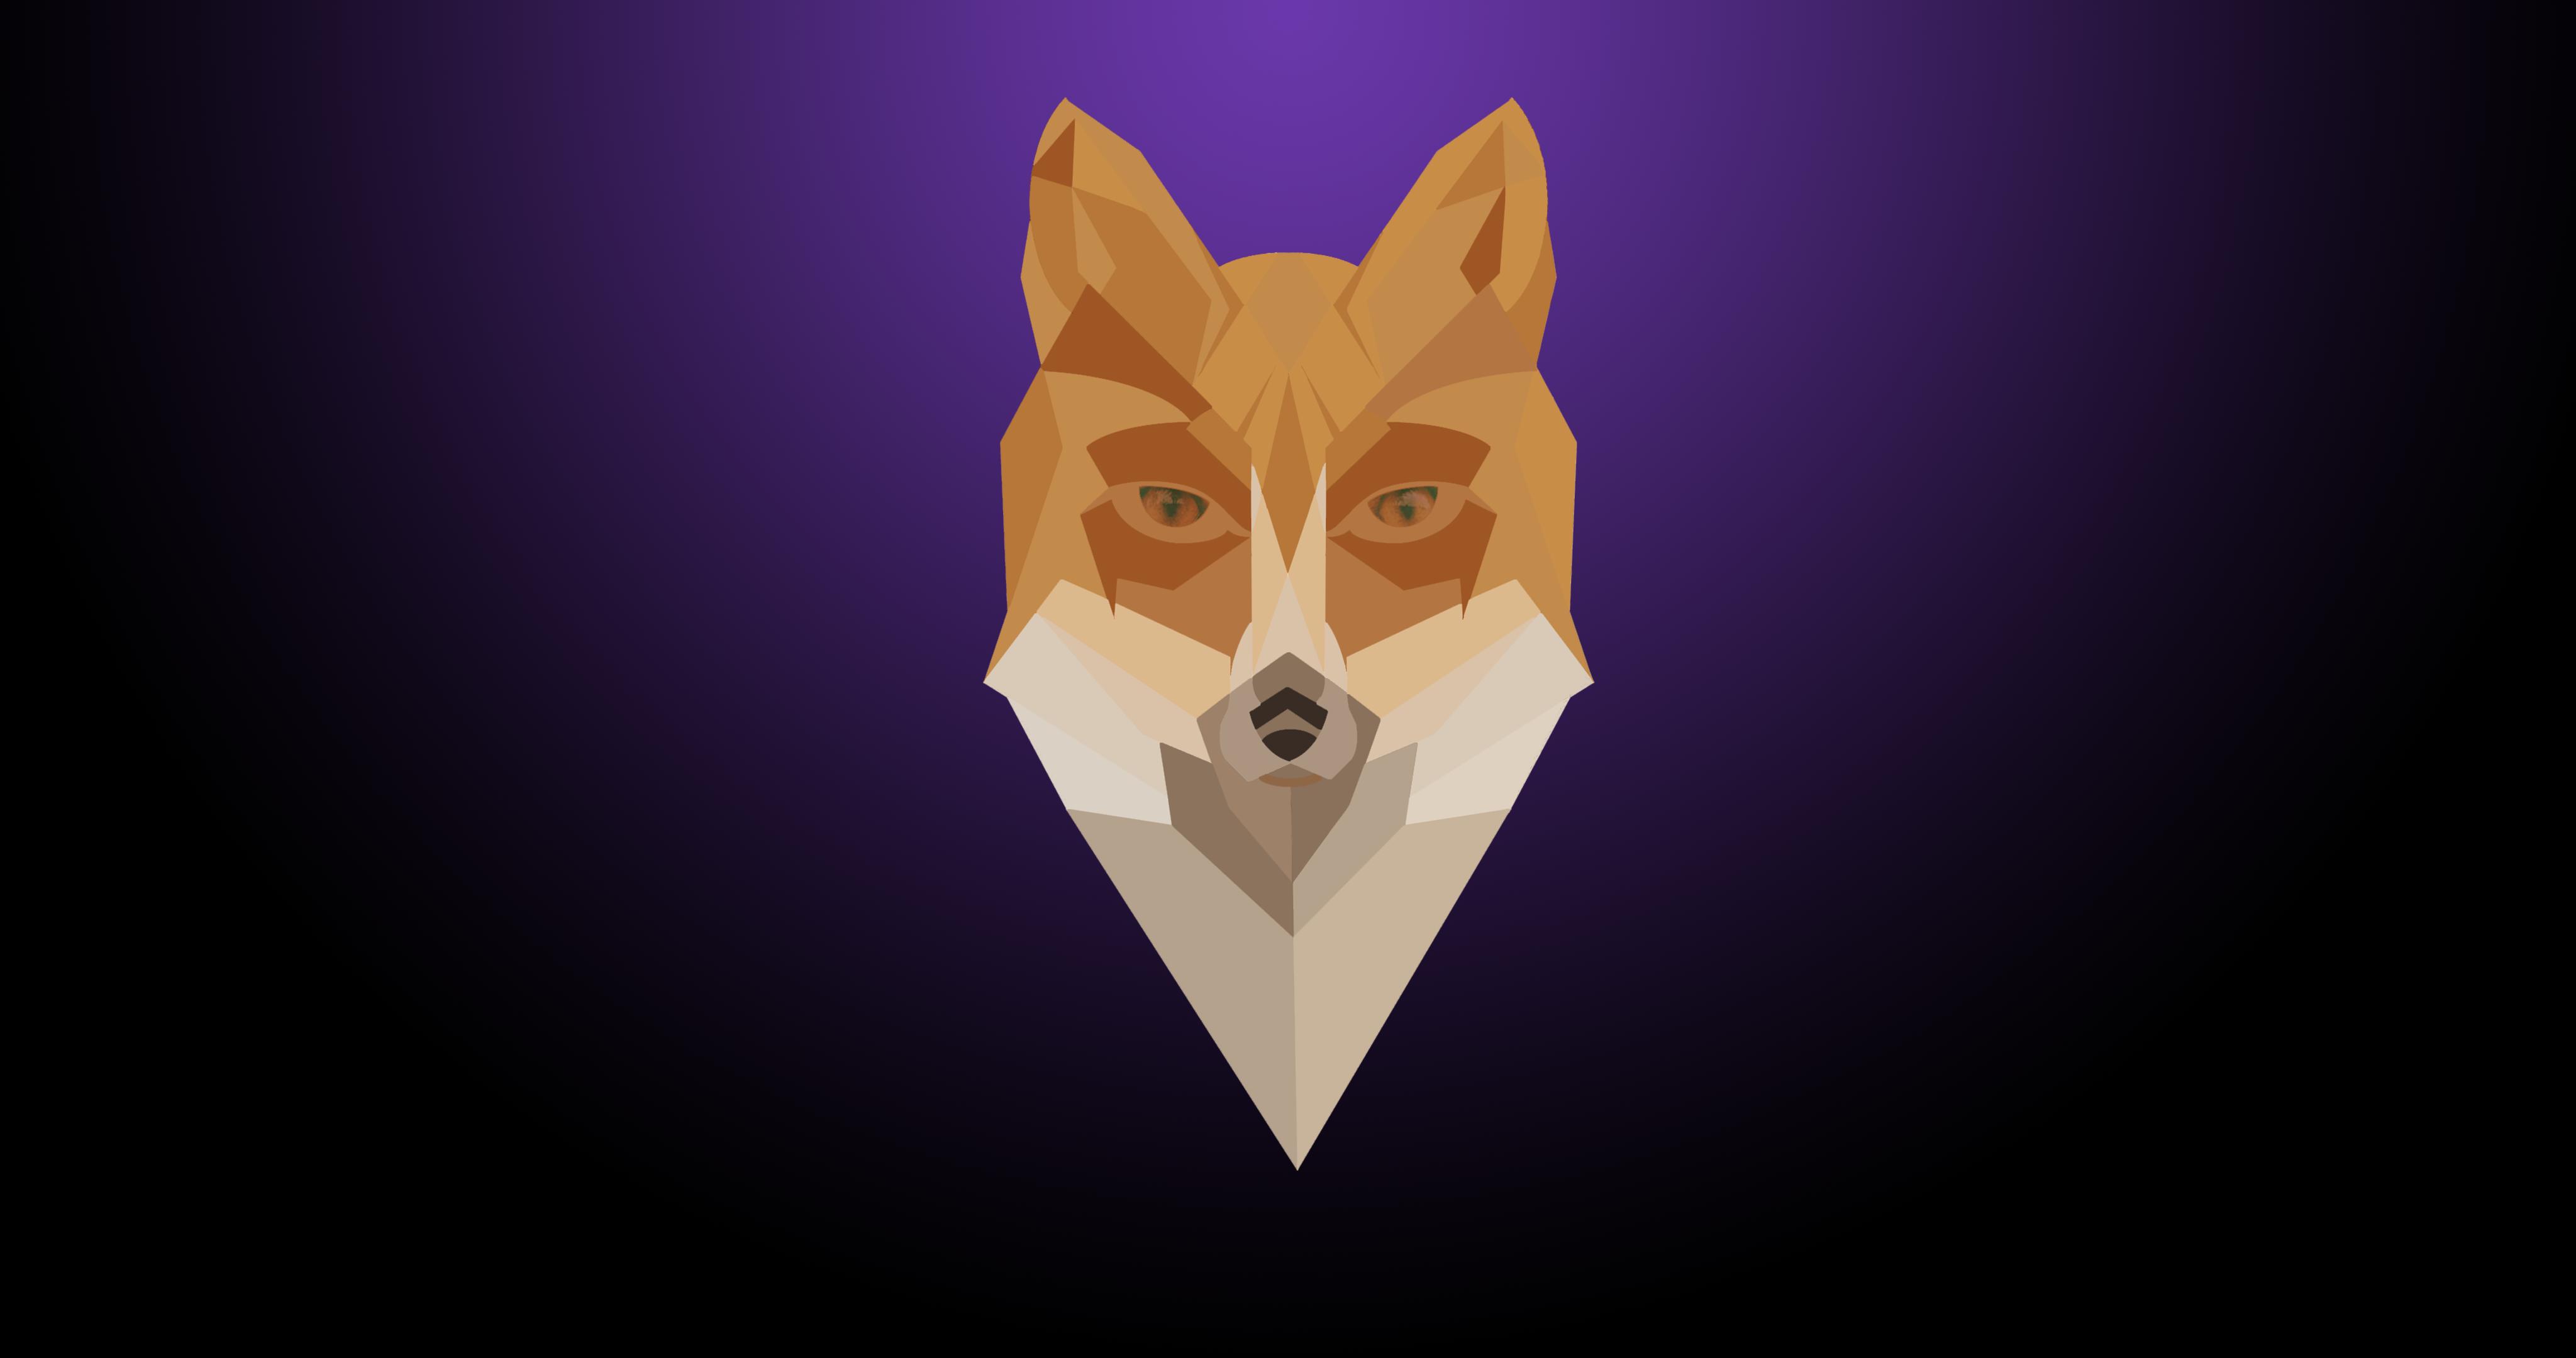 Wallpaper Illustration Minimalism Purple Fox ART Bat